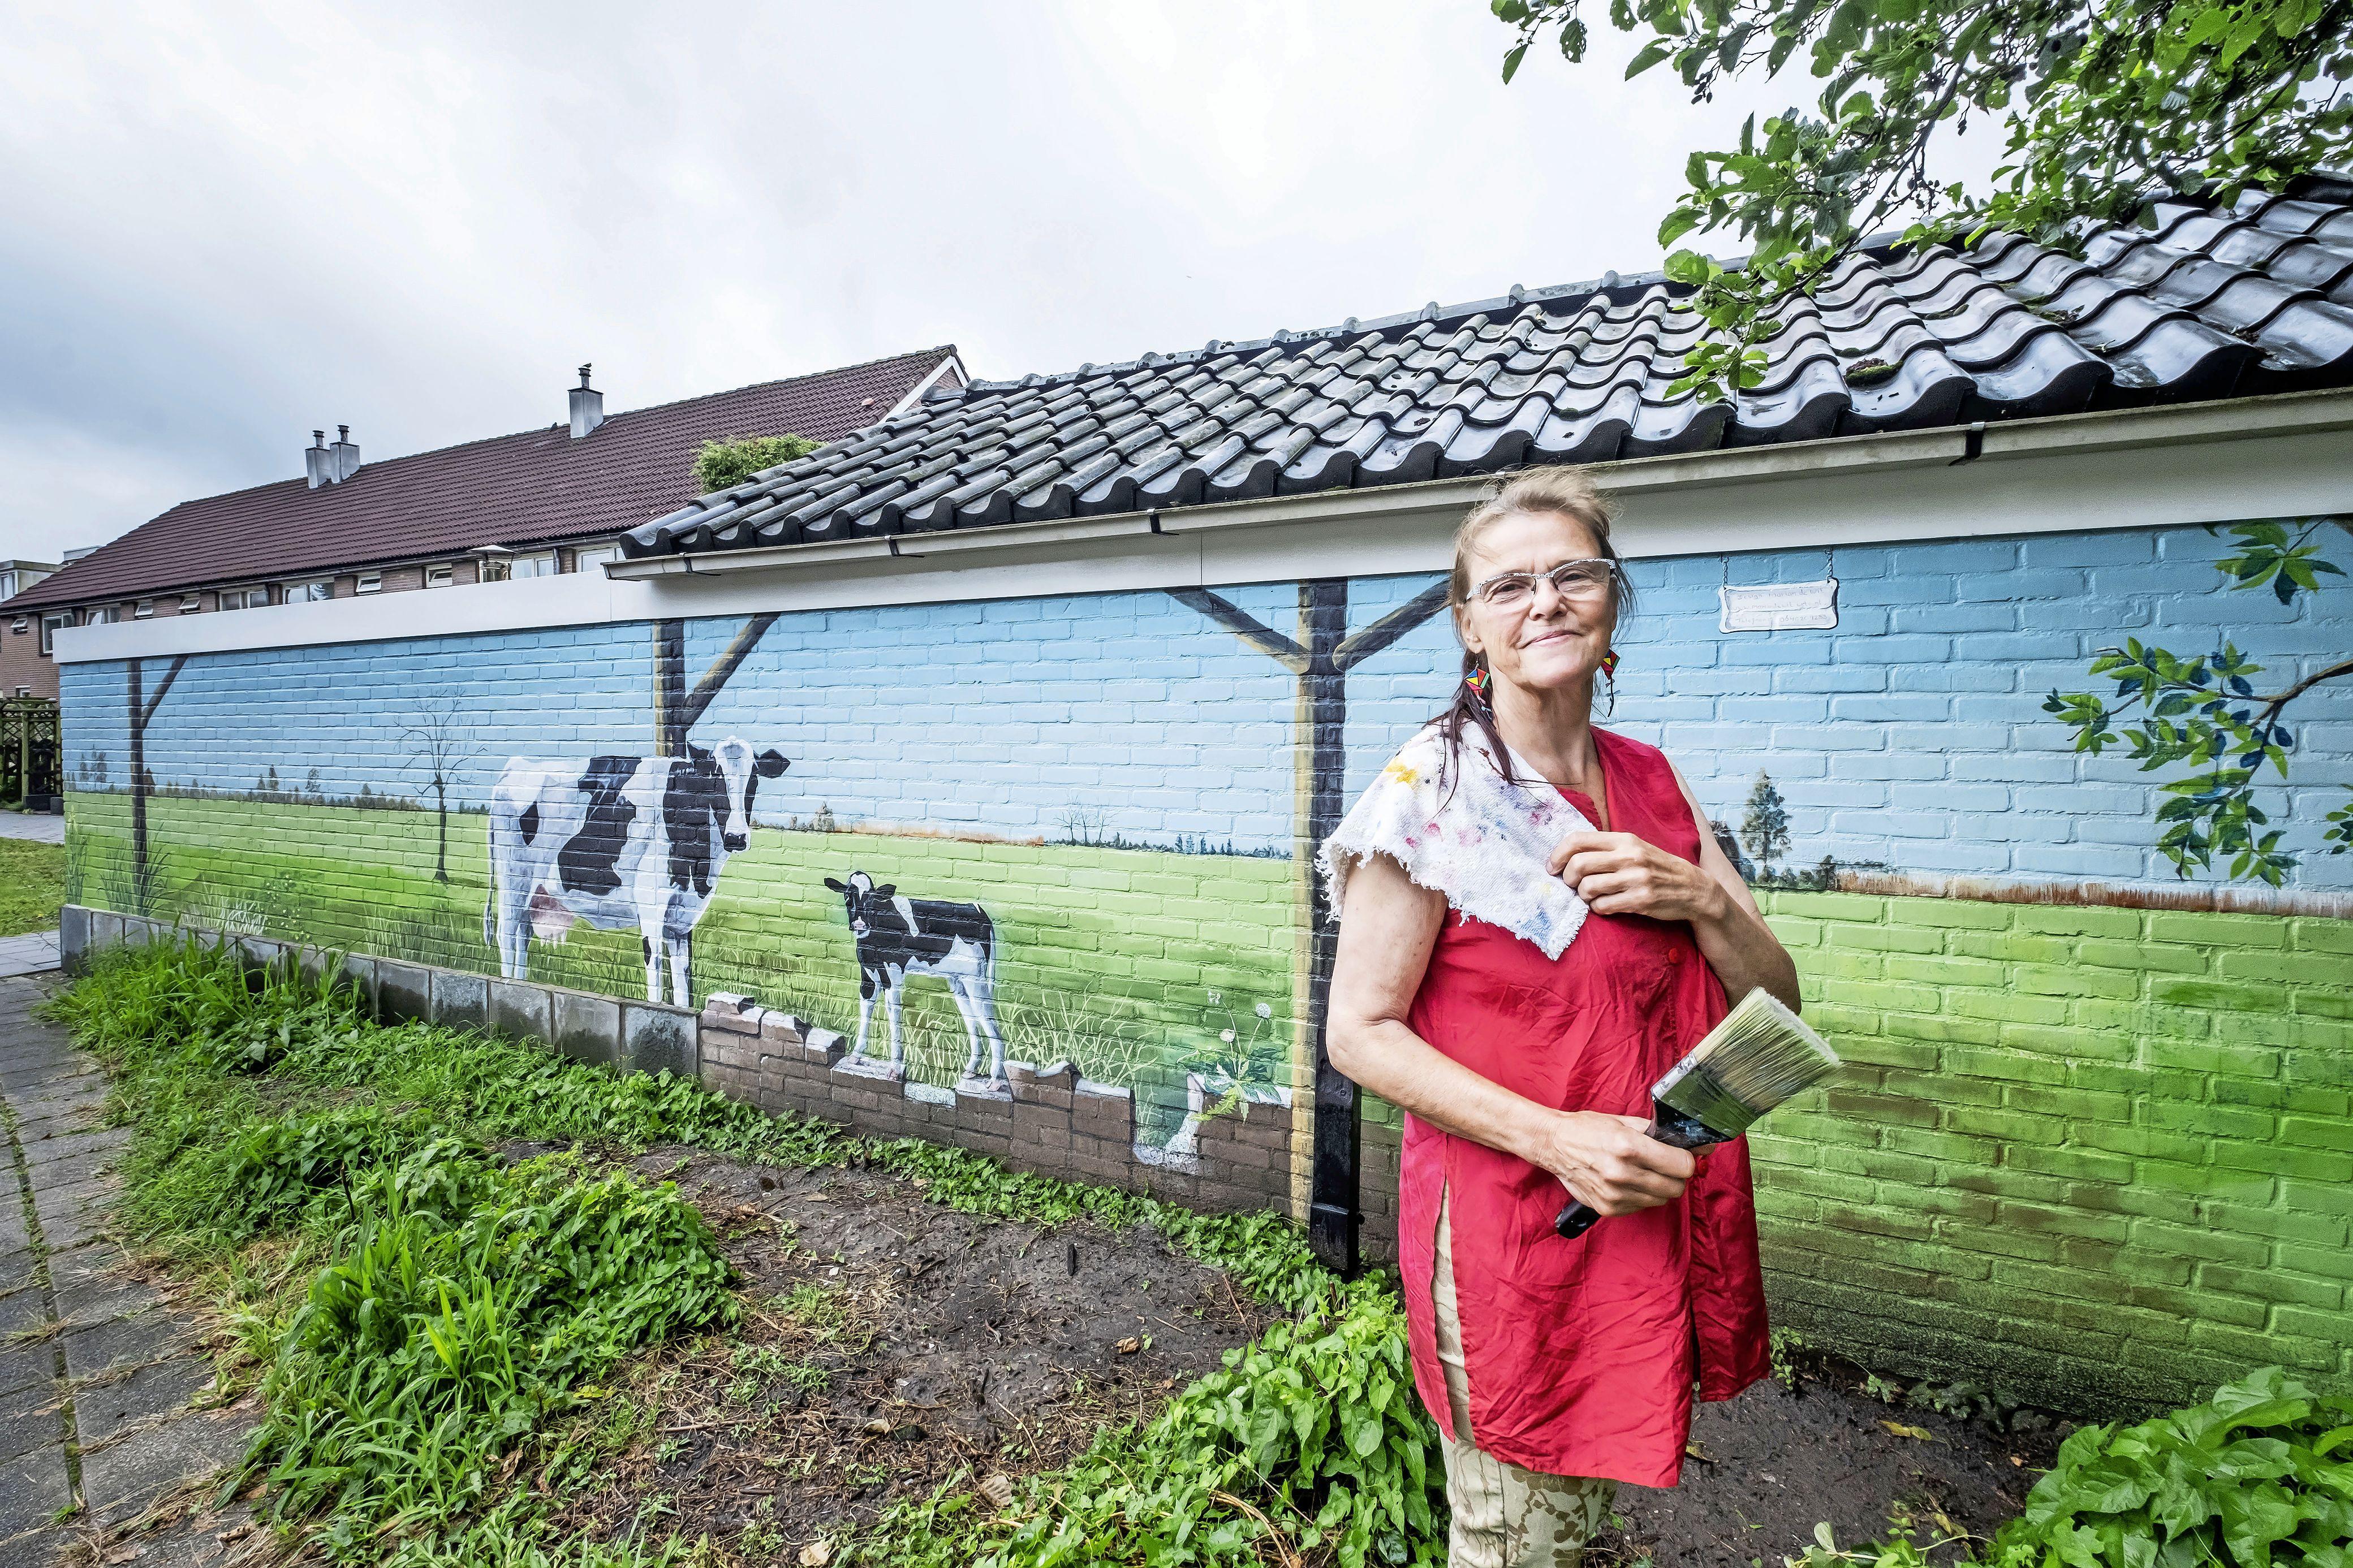 'Er werd ook naar me getoeterd en dan staken de mensen hun duim omhoog'. Met koeien beschilderde muur trekt veel bekijks. 'Ik hou van grote formaten'